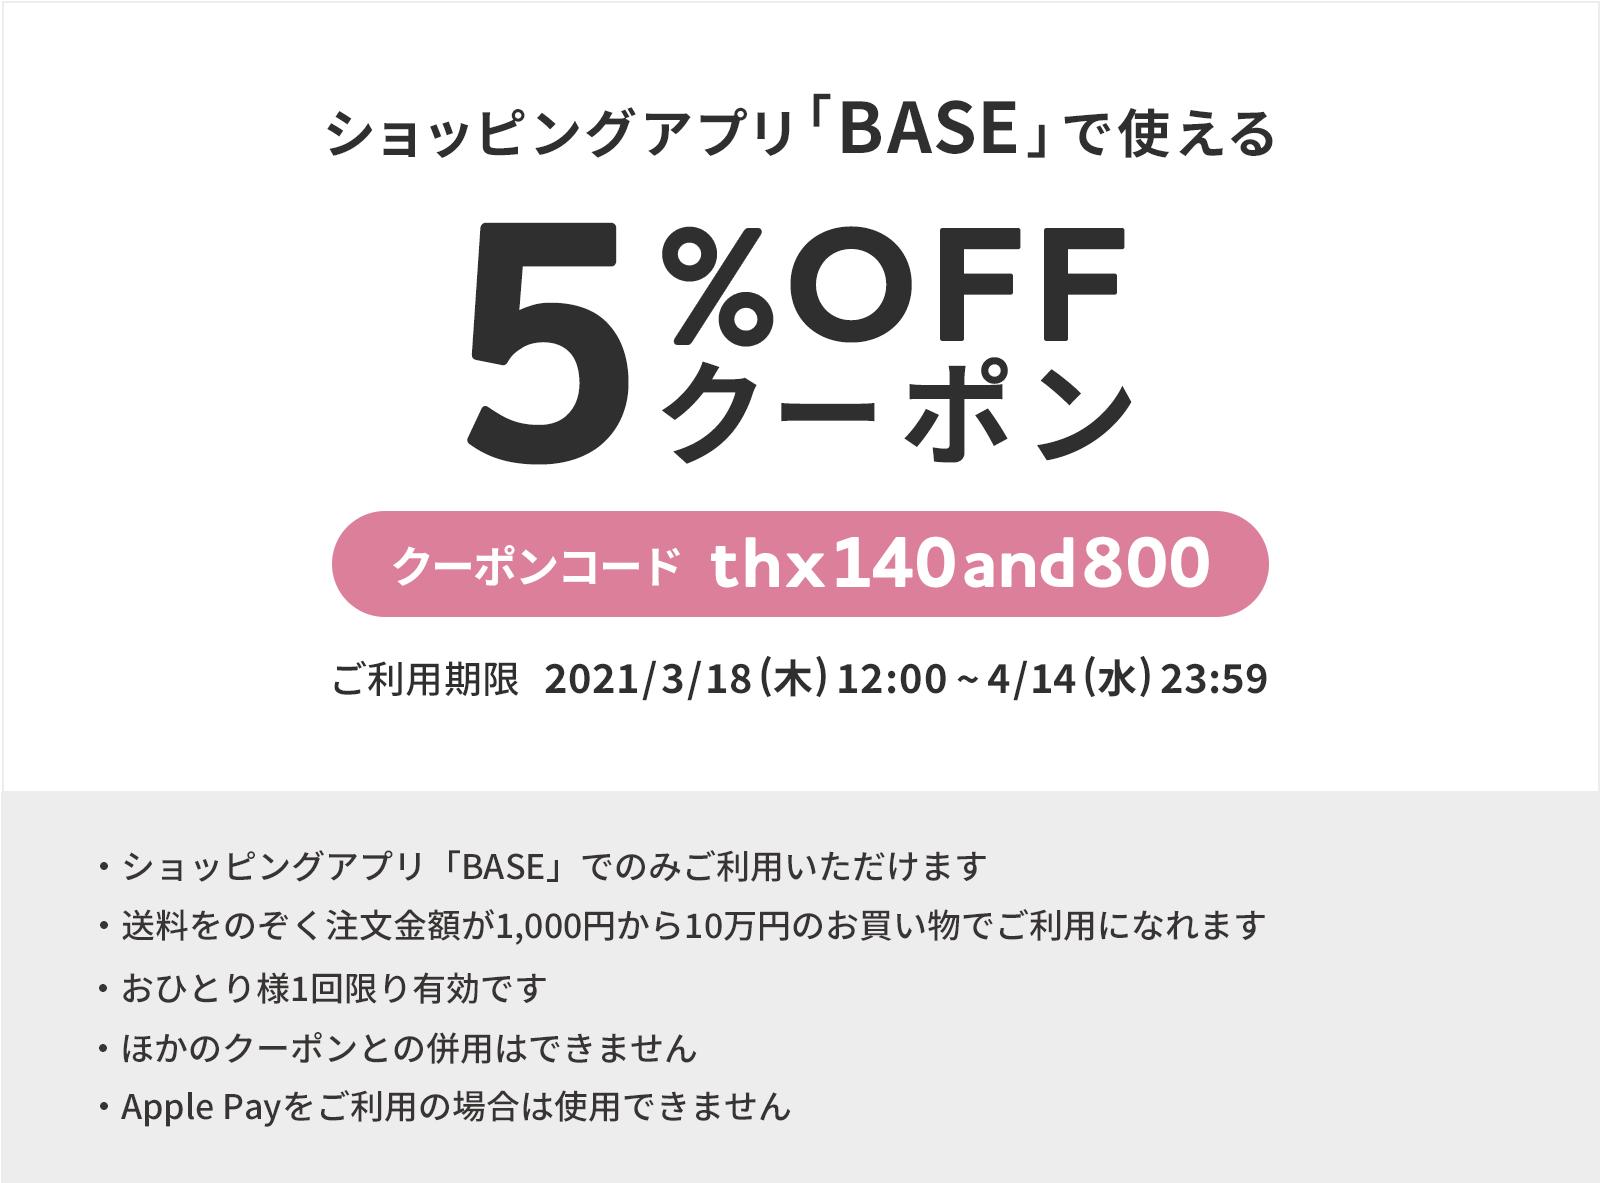 【BASE】アプリ内で使える『全商品5%OFFクーポン』 またまた配布中ヽ(´ー`)